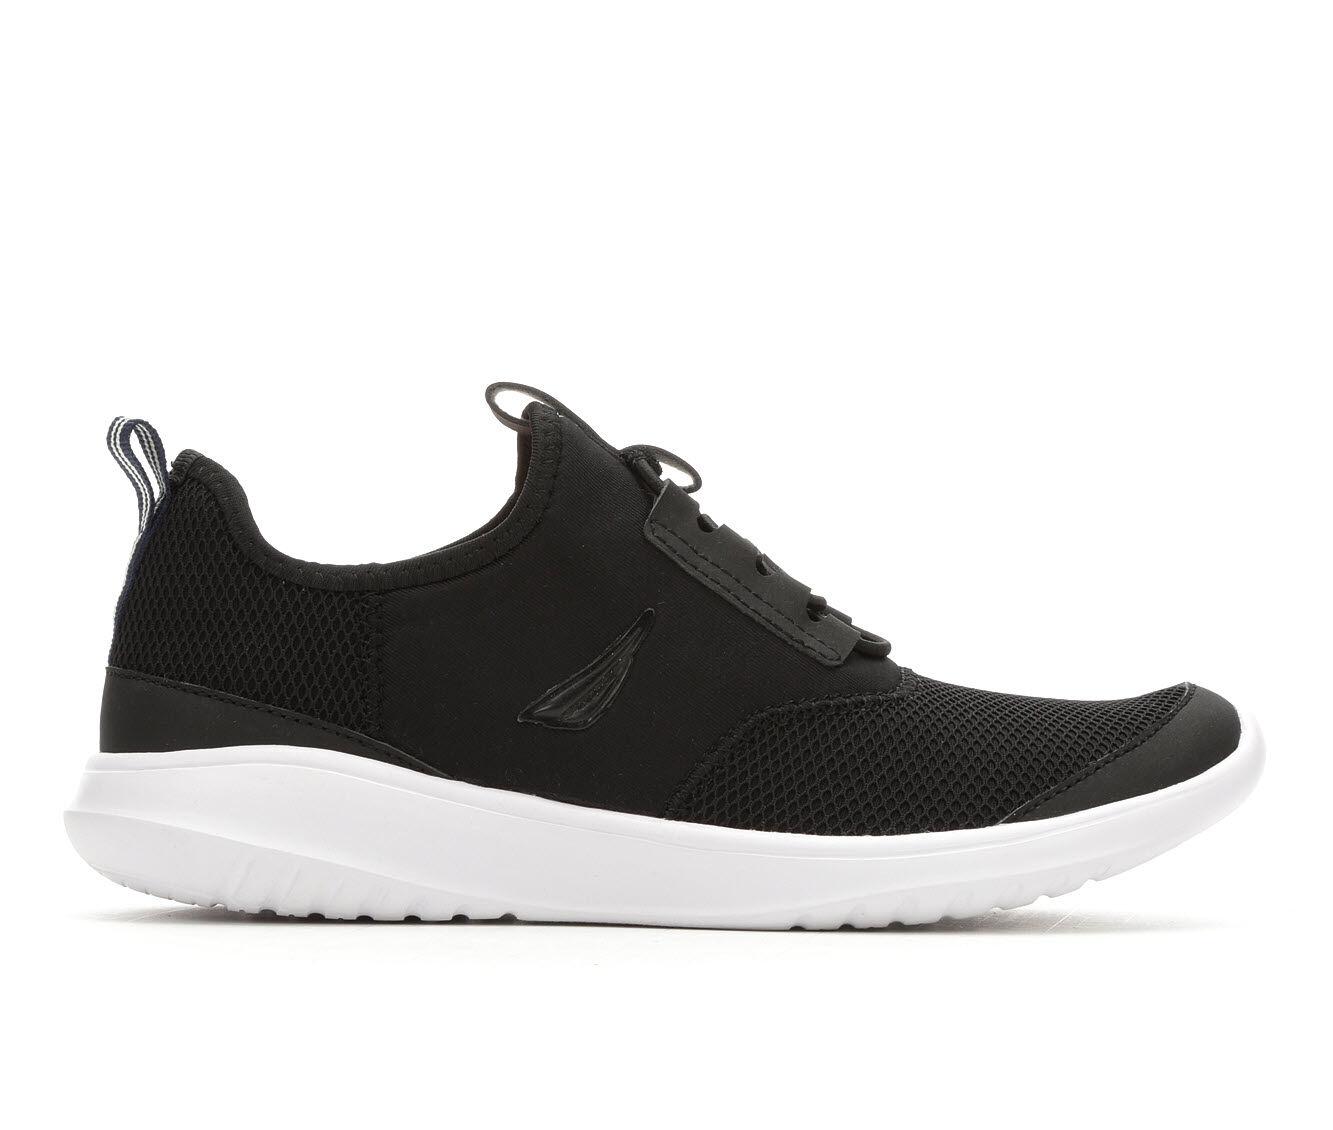 Women's Nautica Propeller Sneakers Black